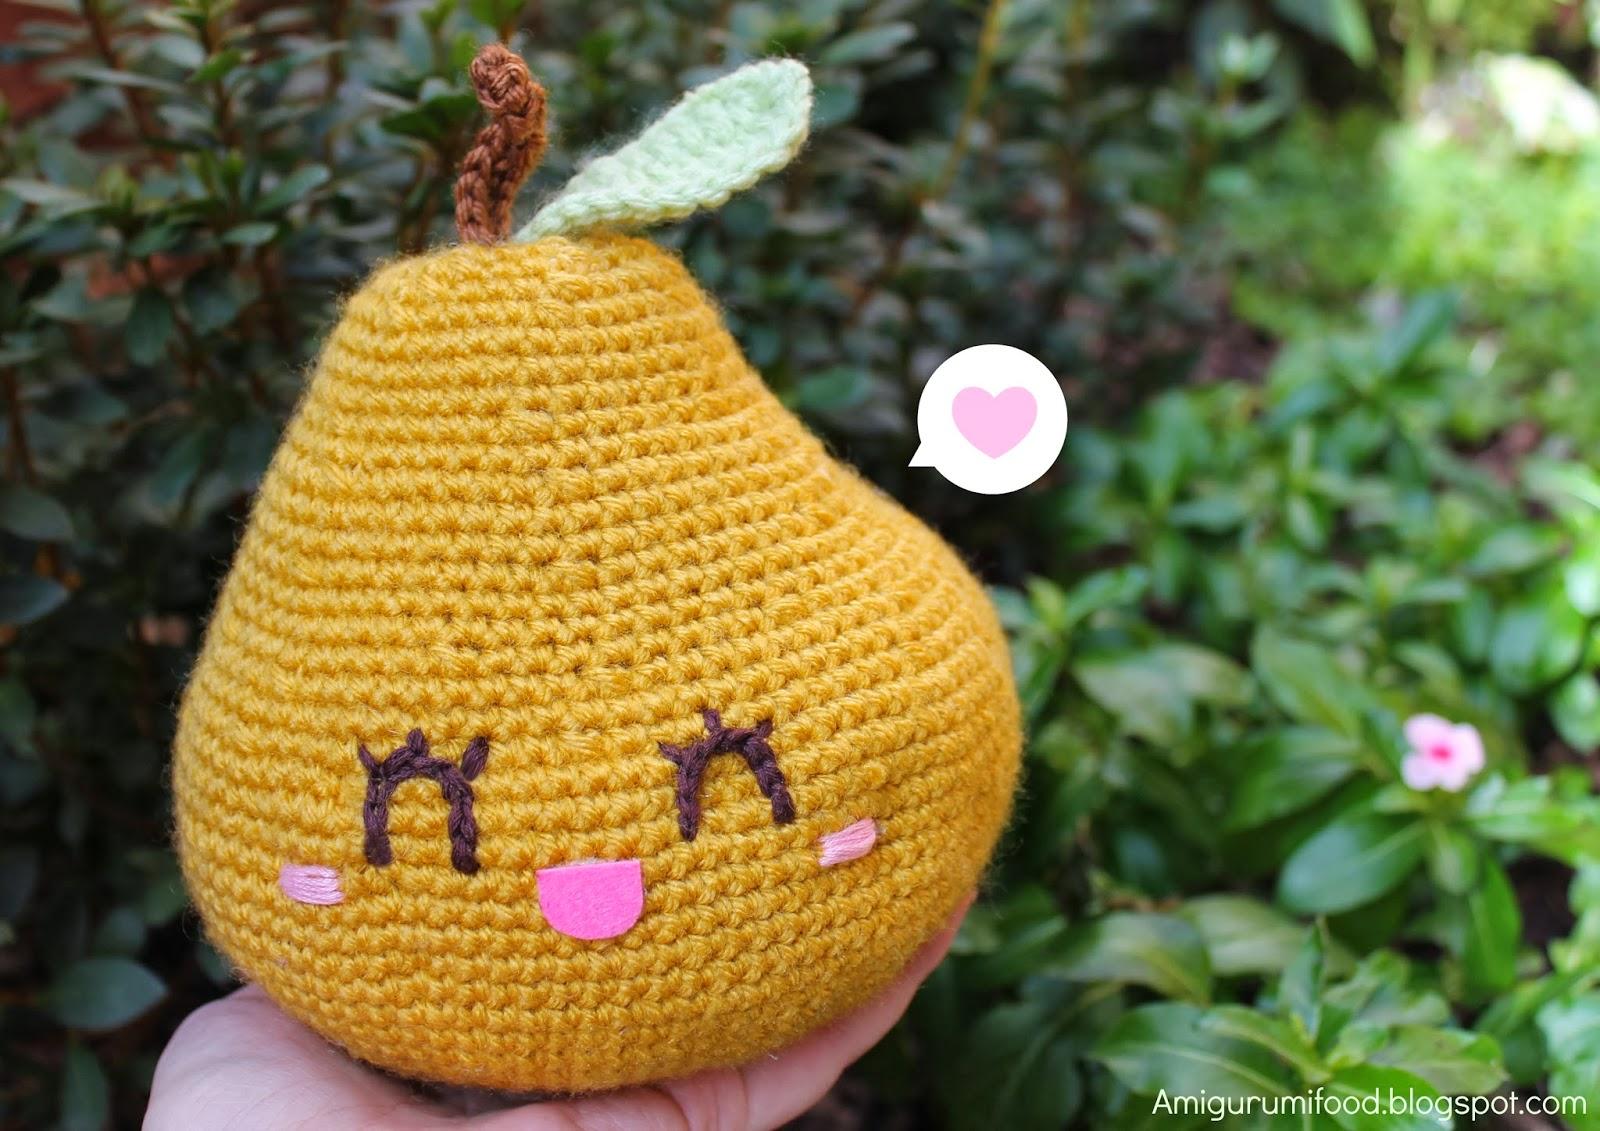 Amigurumi Food : Amigurumi Food: Big Happy Pear Amigurumi!!